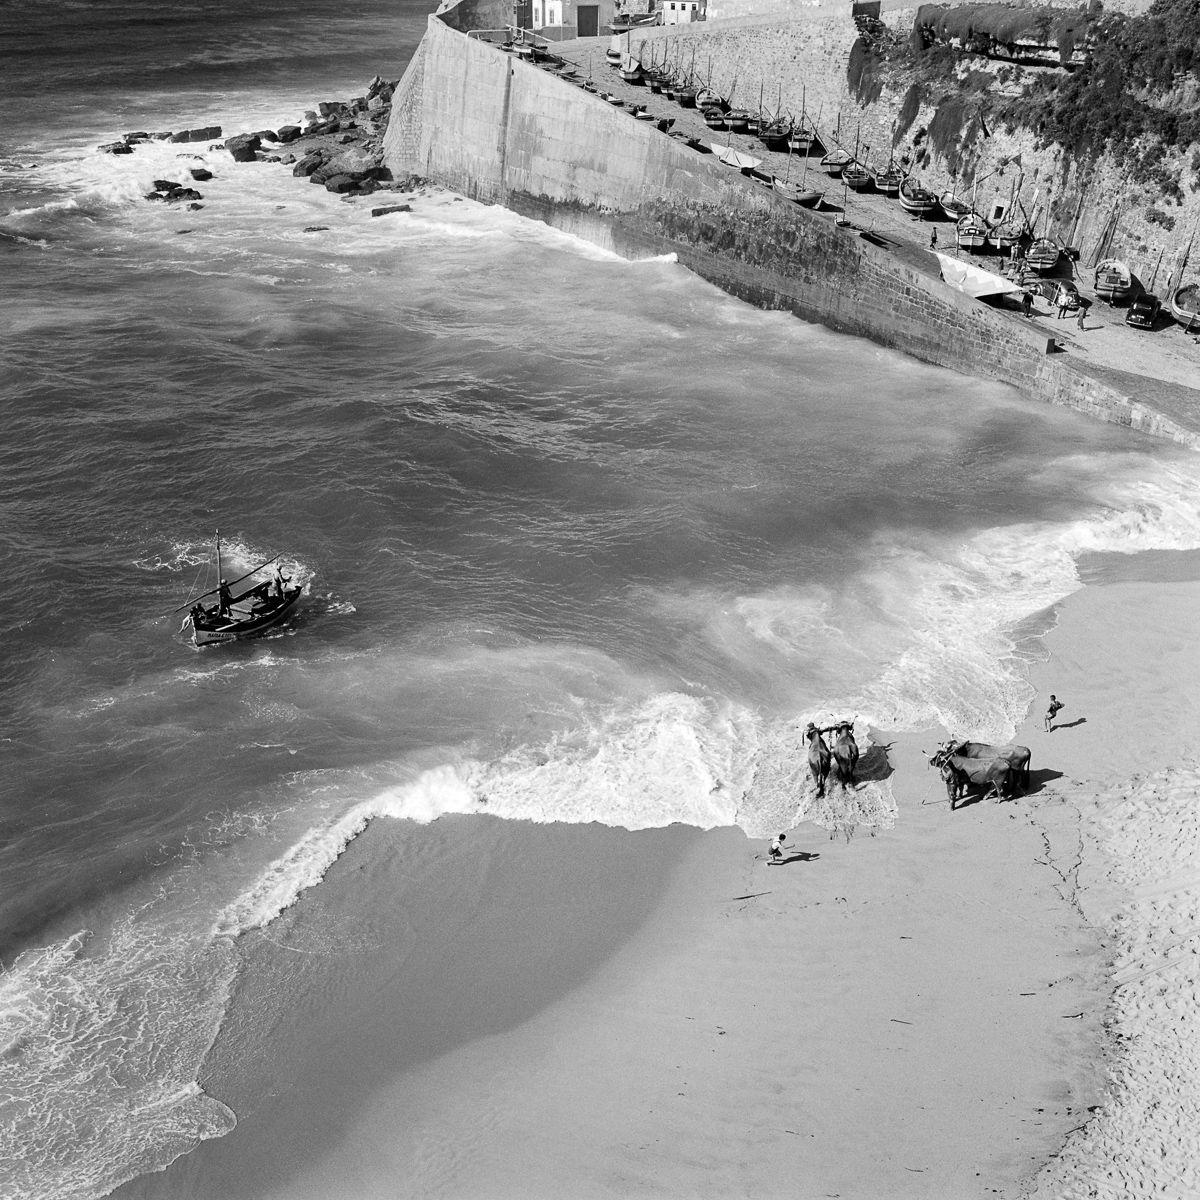 Fotografias deslumbrantes capturam a cultura da pesca dos anos 50 em Portugal 21